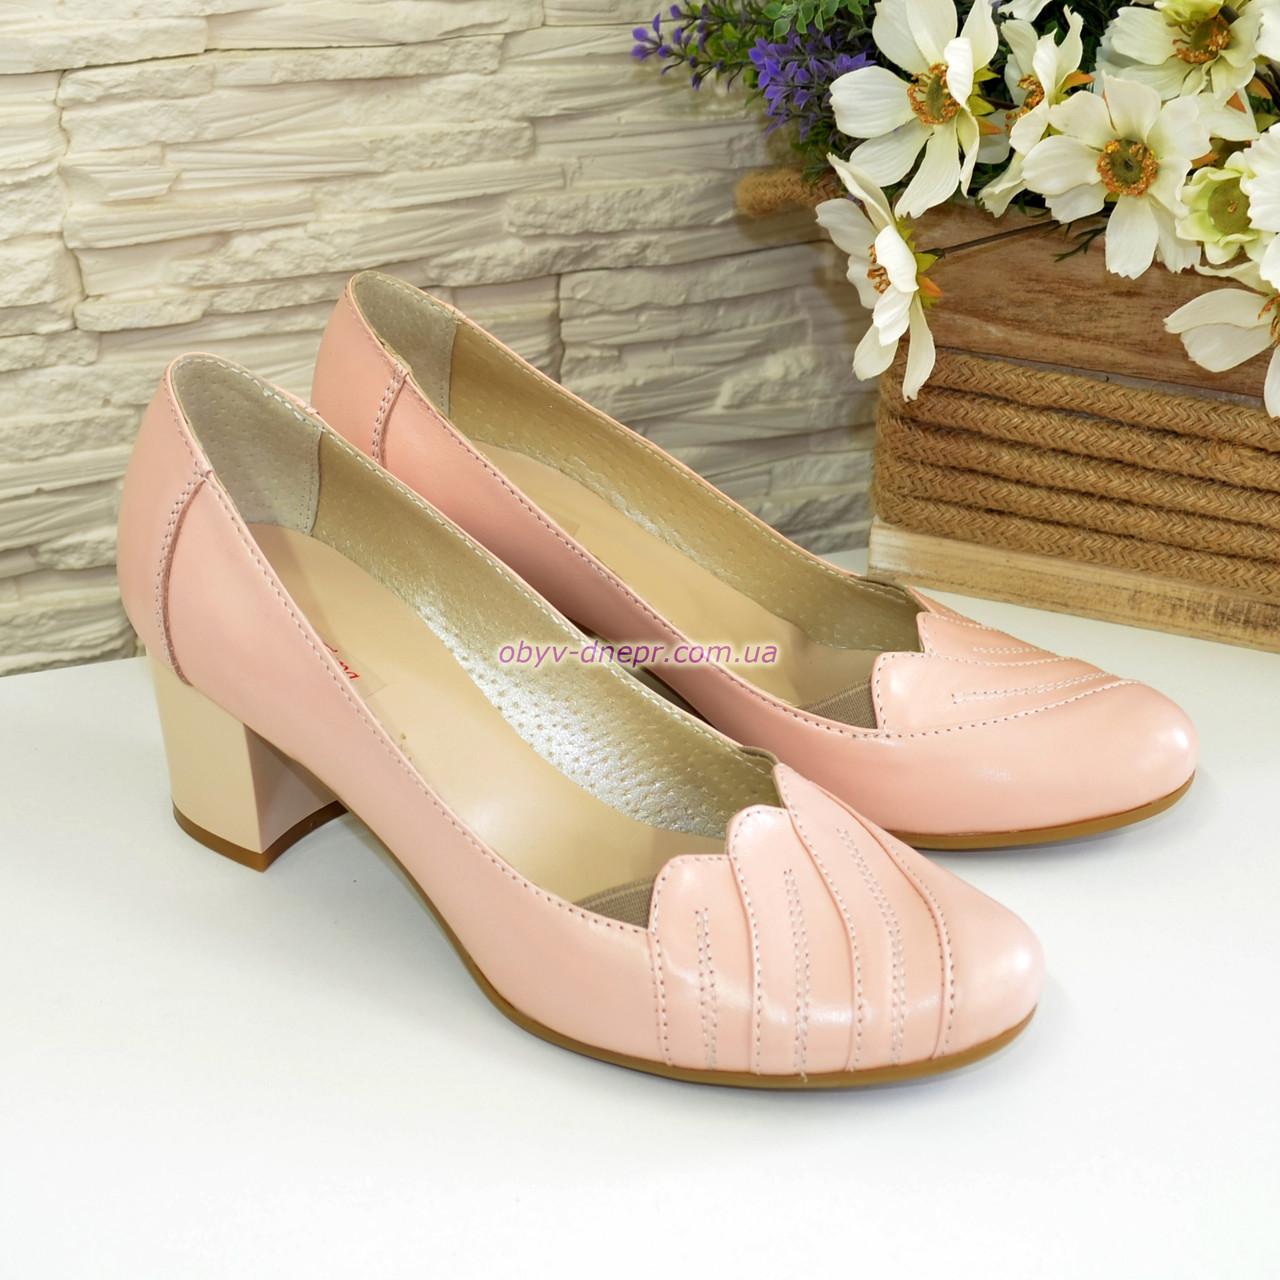 """Туфли женские кожаные на невысоком каблуке. Цвет пудра. ТМ """"Maestro"""""""